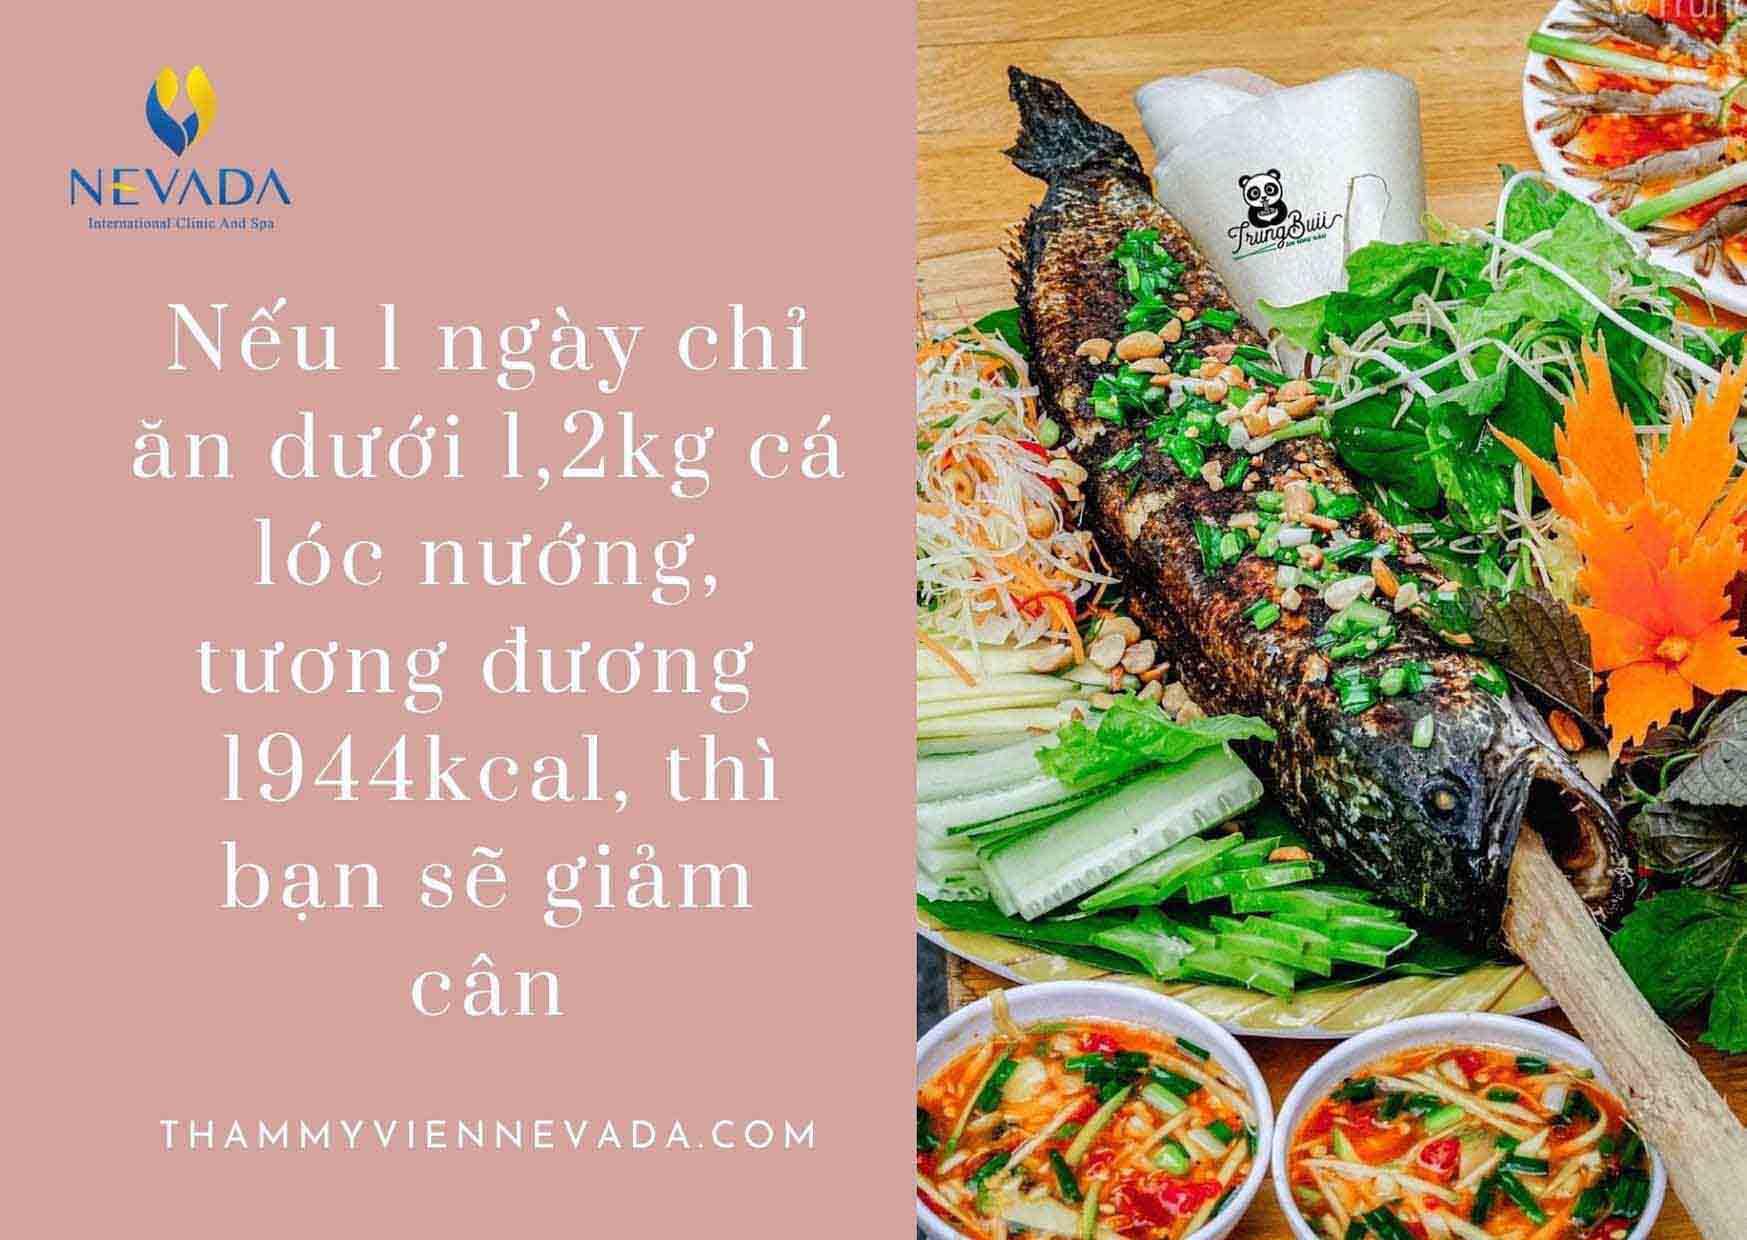 cá lóc nướng bao nhiêu calo, cá nướng bao nhiêu calo, ăn cá nướng có mập không, ăn cá nướng có béo không, cá lóc bao nhiêu calo, cá chỉ vàng nướng bao nhiêu calo